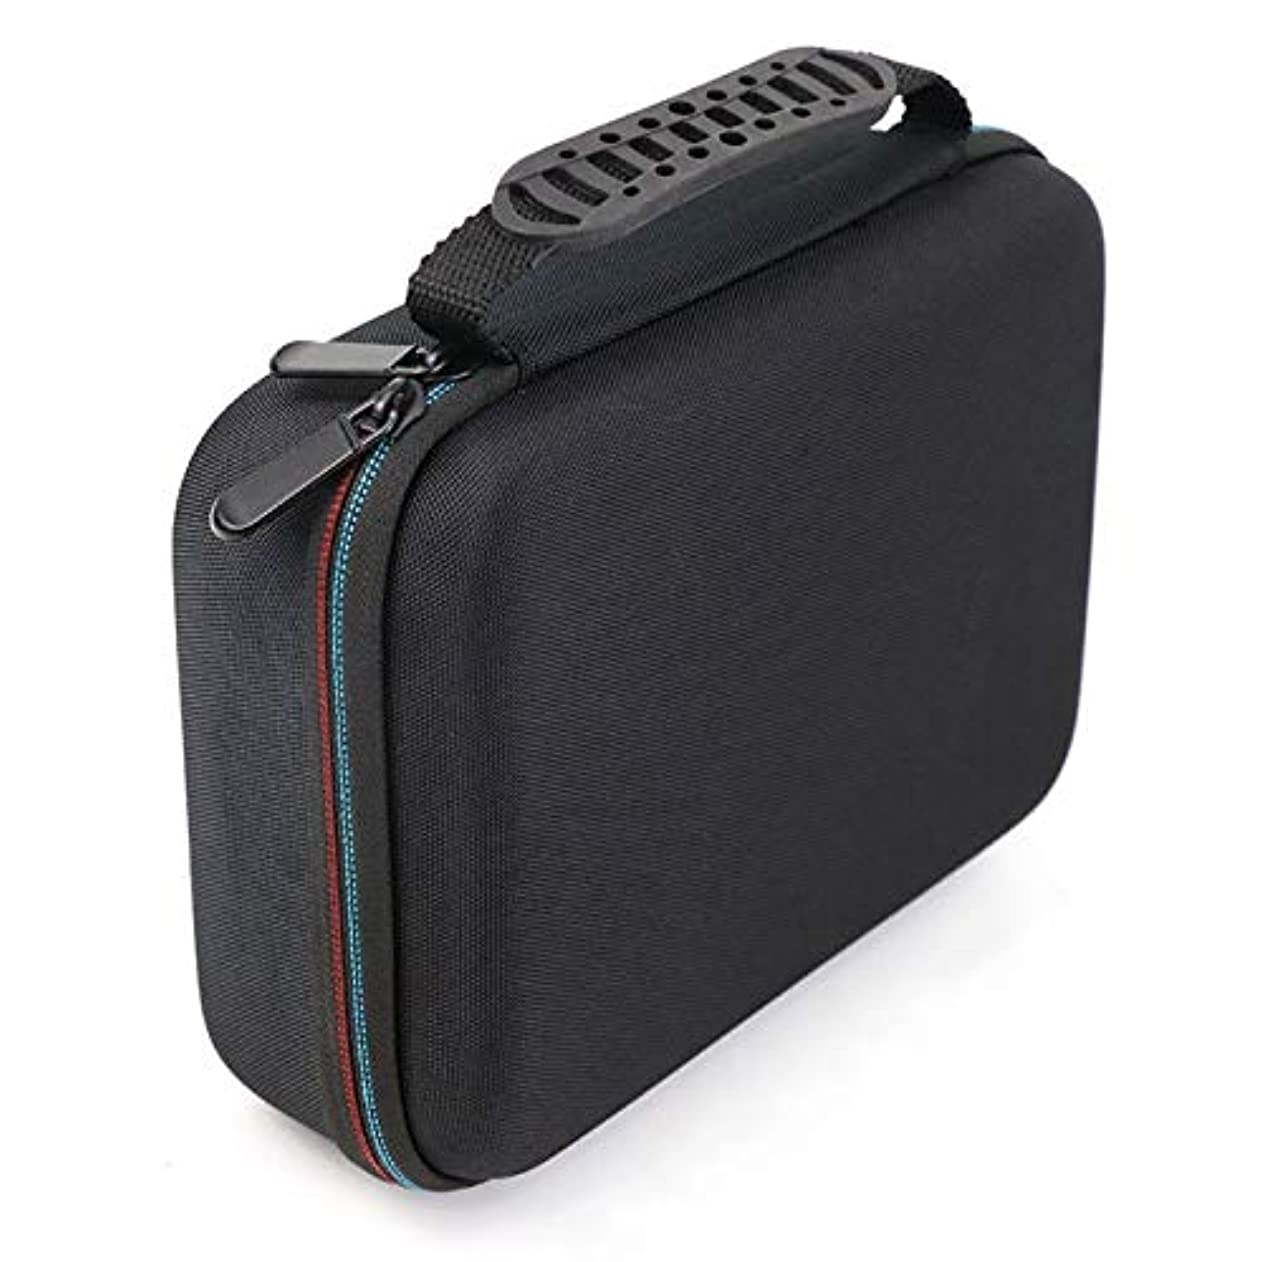 禁じる序文毒液SODIAL バリカンの収納ケース、携帯用ケース、耐衝撃バッグ、シェーバーのキット、Evaハードケース、収納バッグ、Mgk3020/3060/3080用